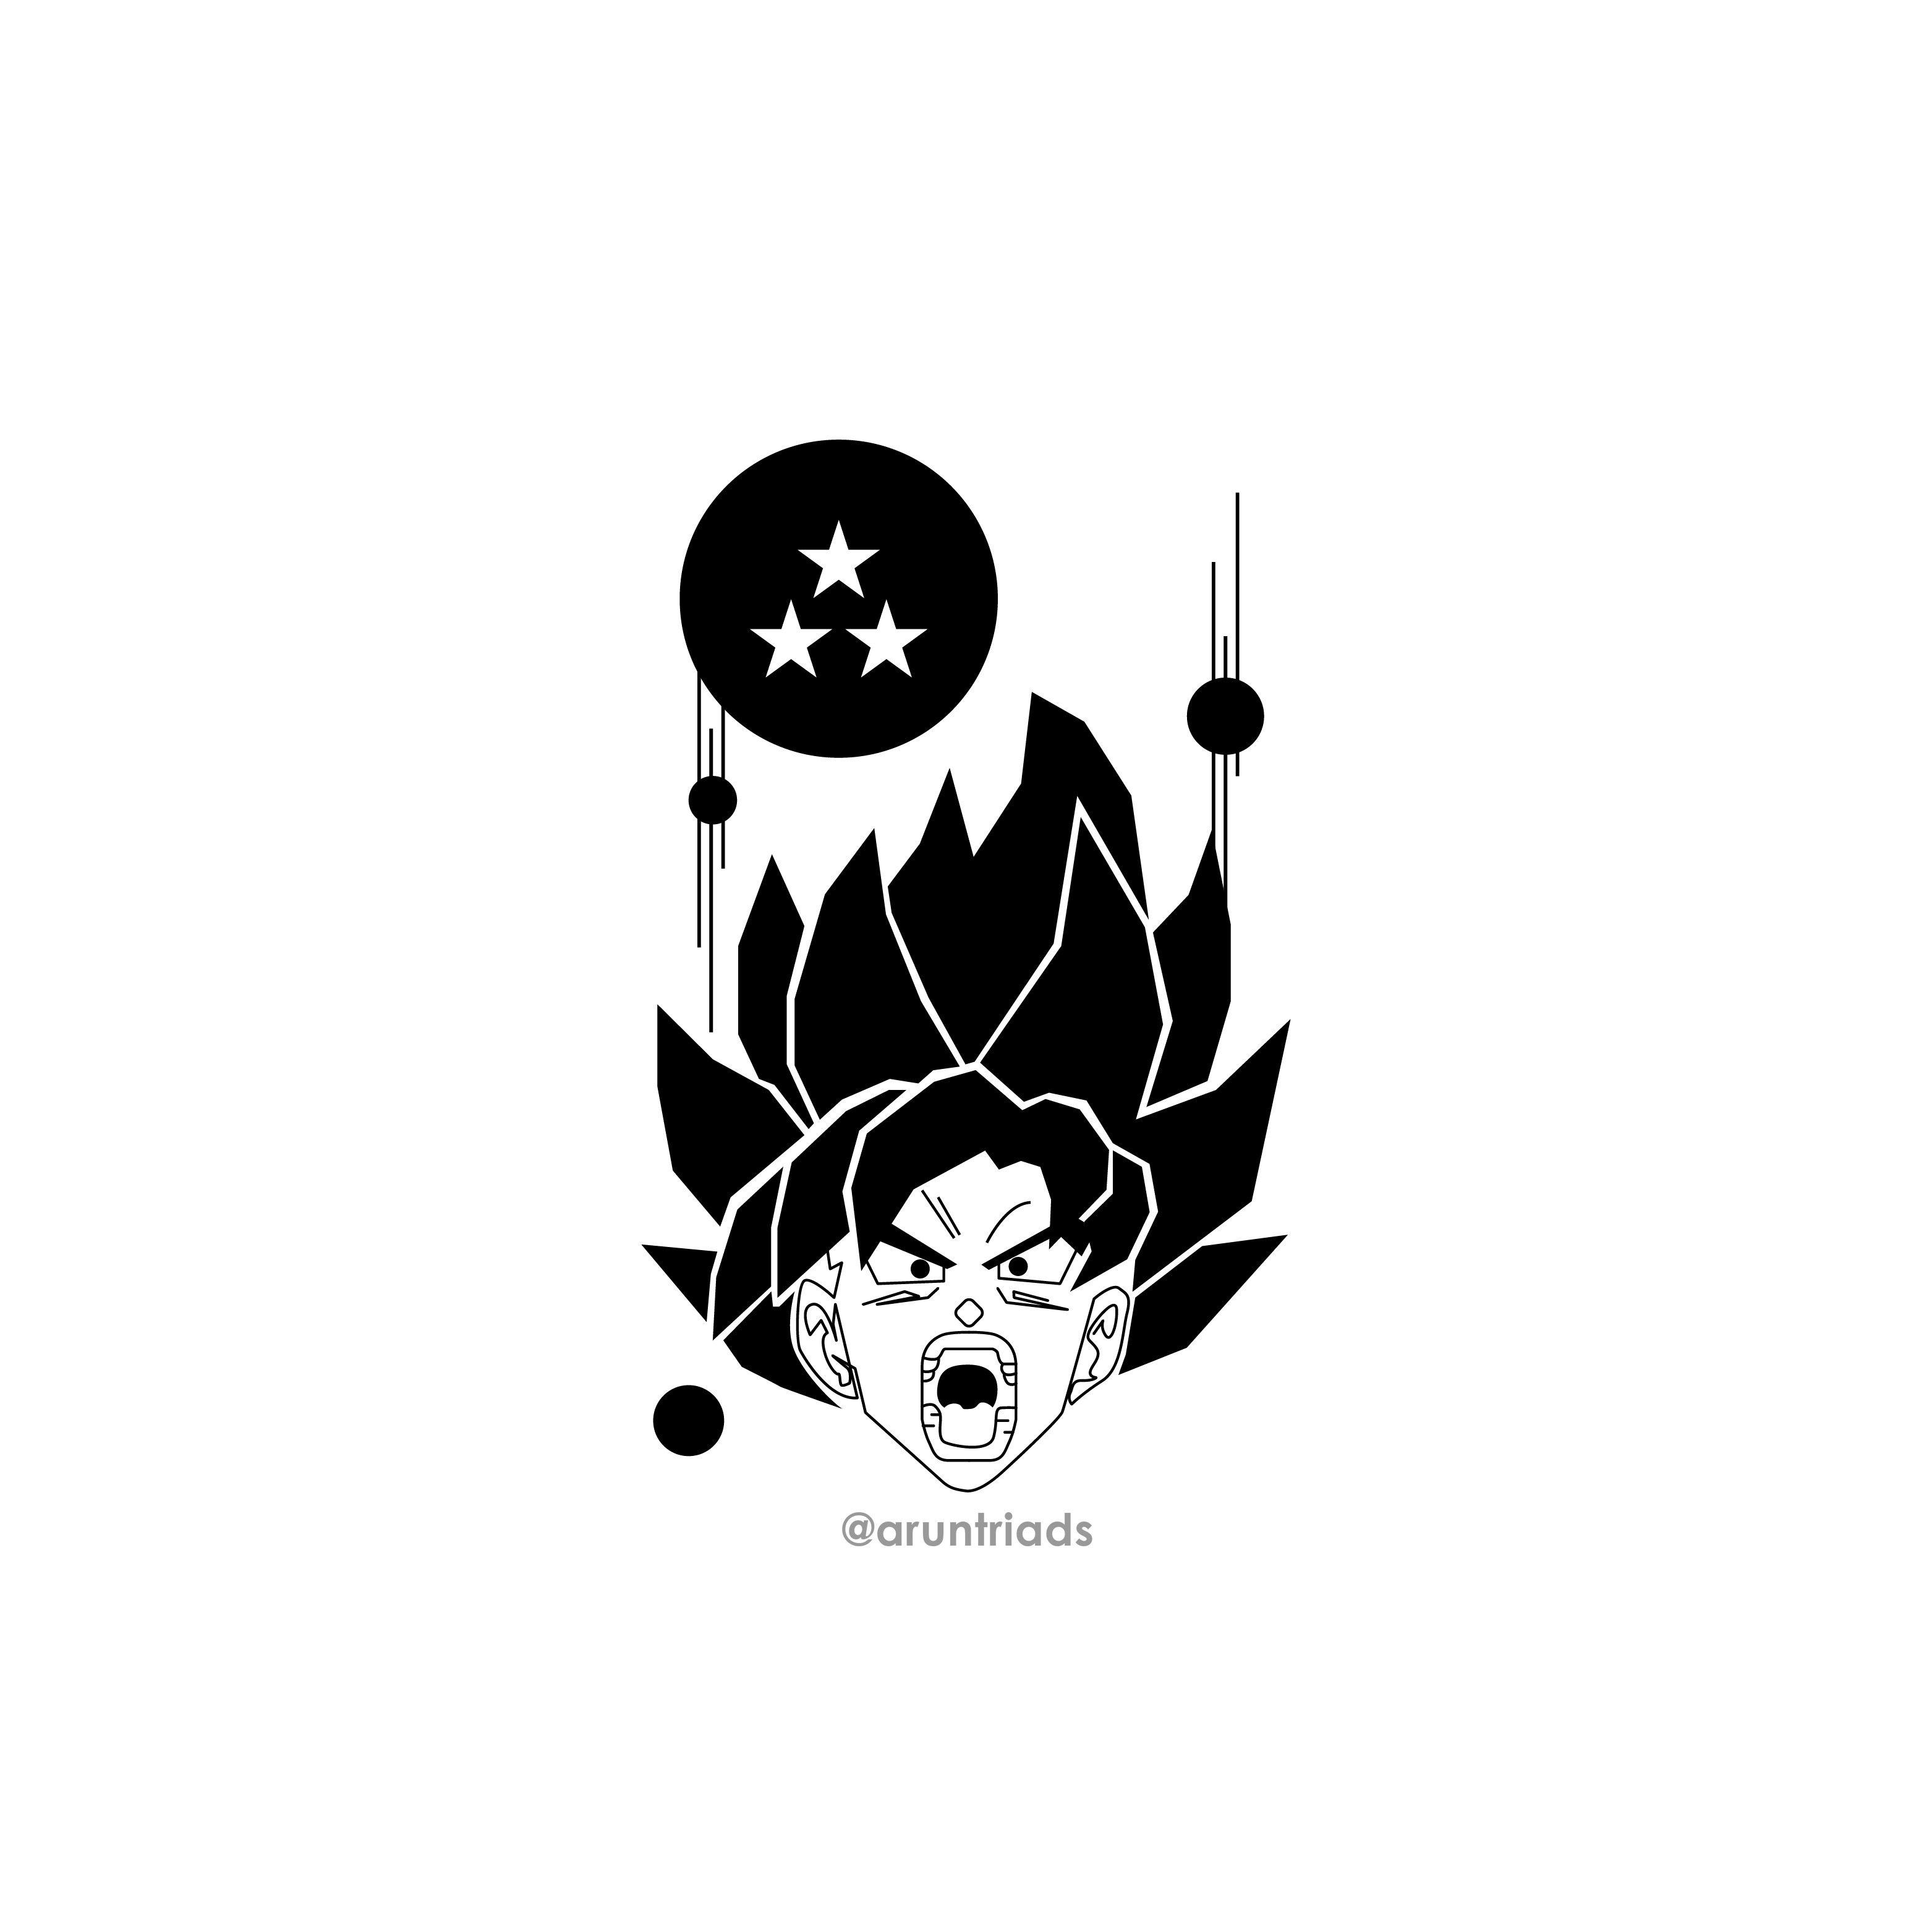 Goku Dragon Ball Z Tattoo Z Tattoo Tattoo Stencil Designs Dragon Ball Z